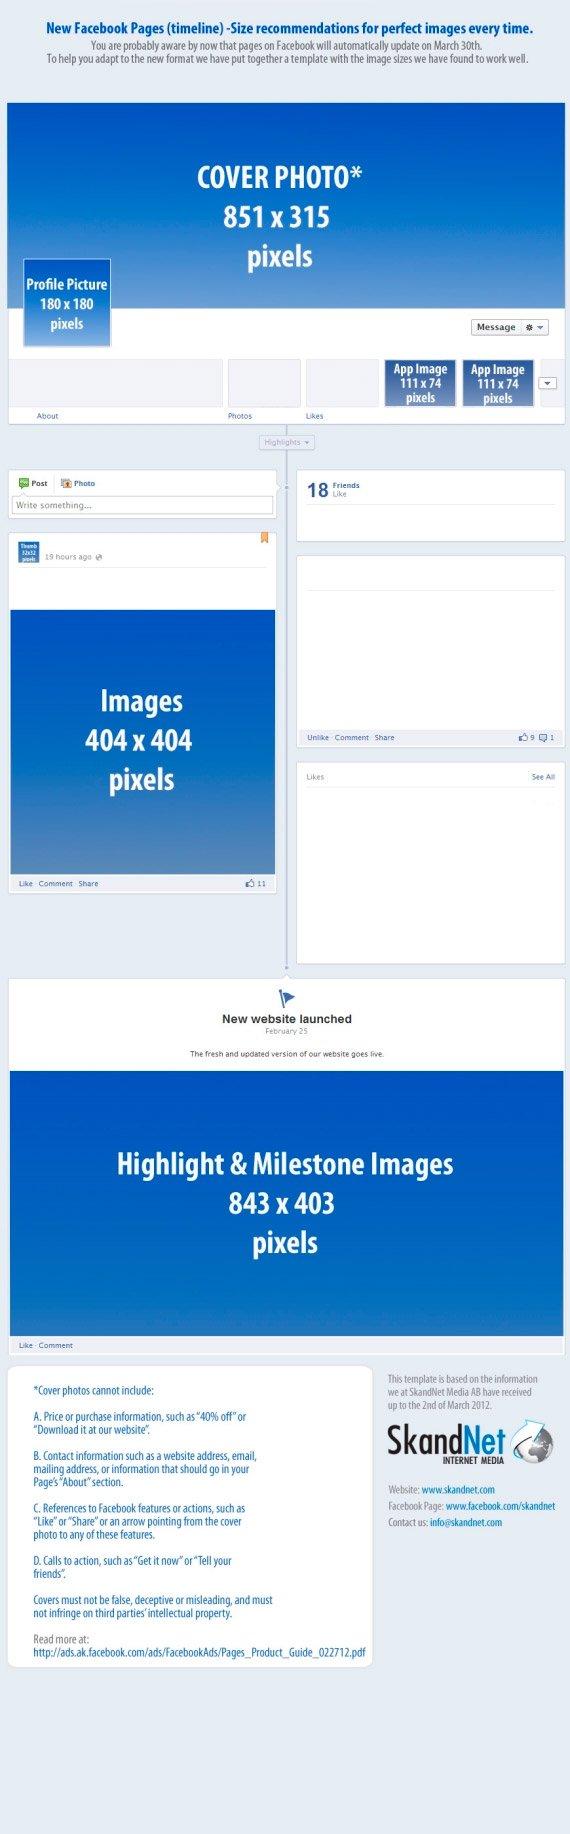 Infografia correcto uso de imagenes en el nuevo timeline de Facebook